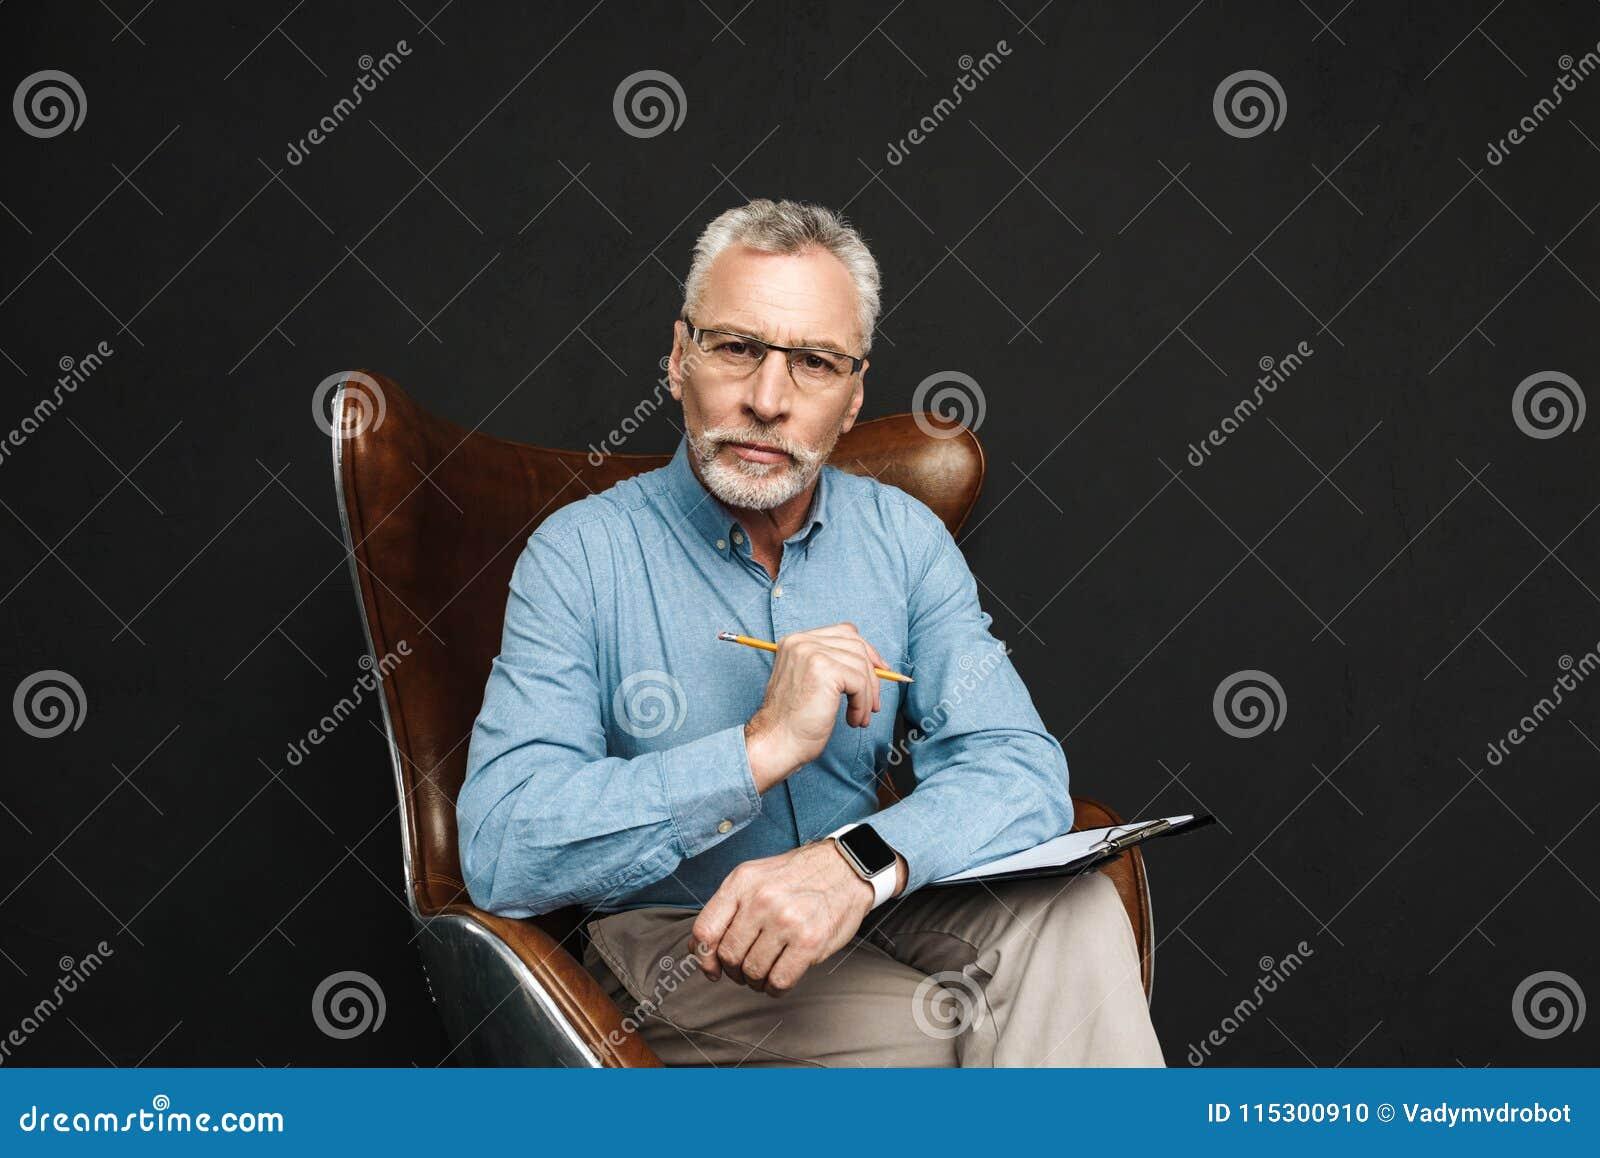 Porträt Der Sachlichen Mitte Alterte Mann 50s Mit Dem Grauen Haar